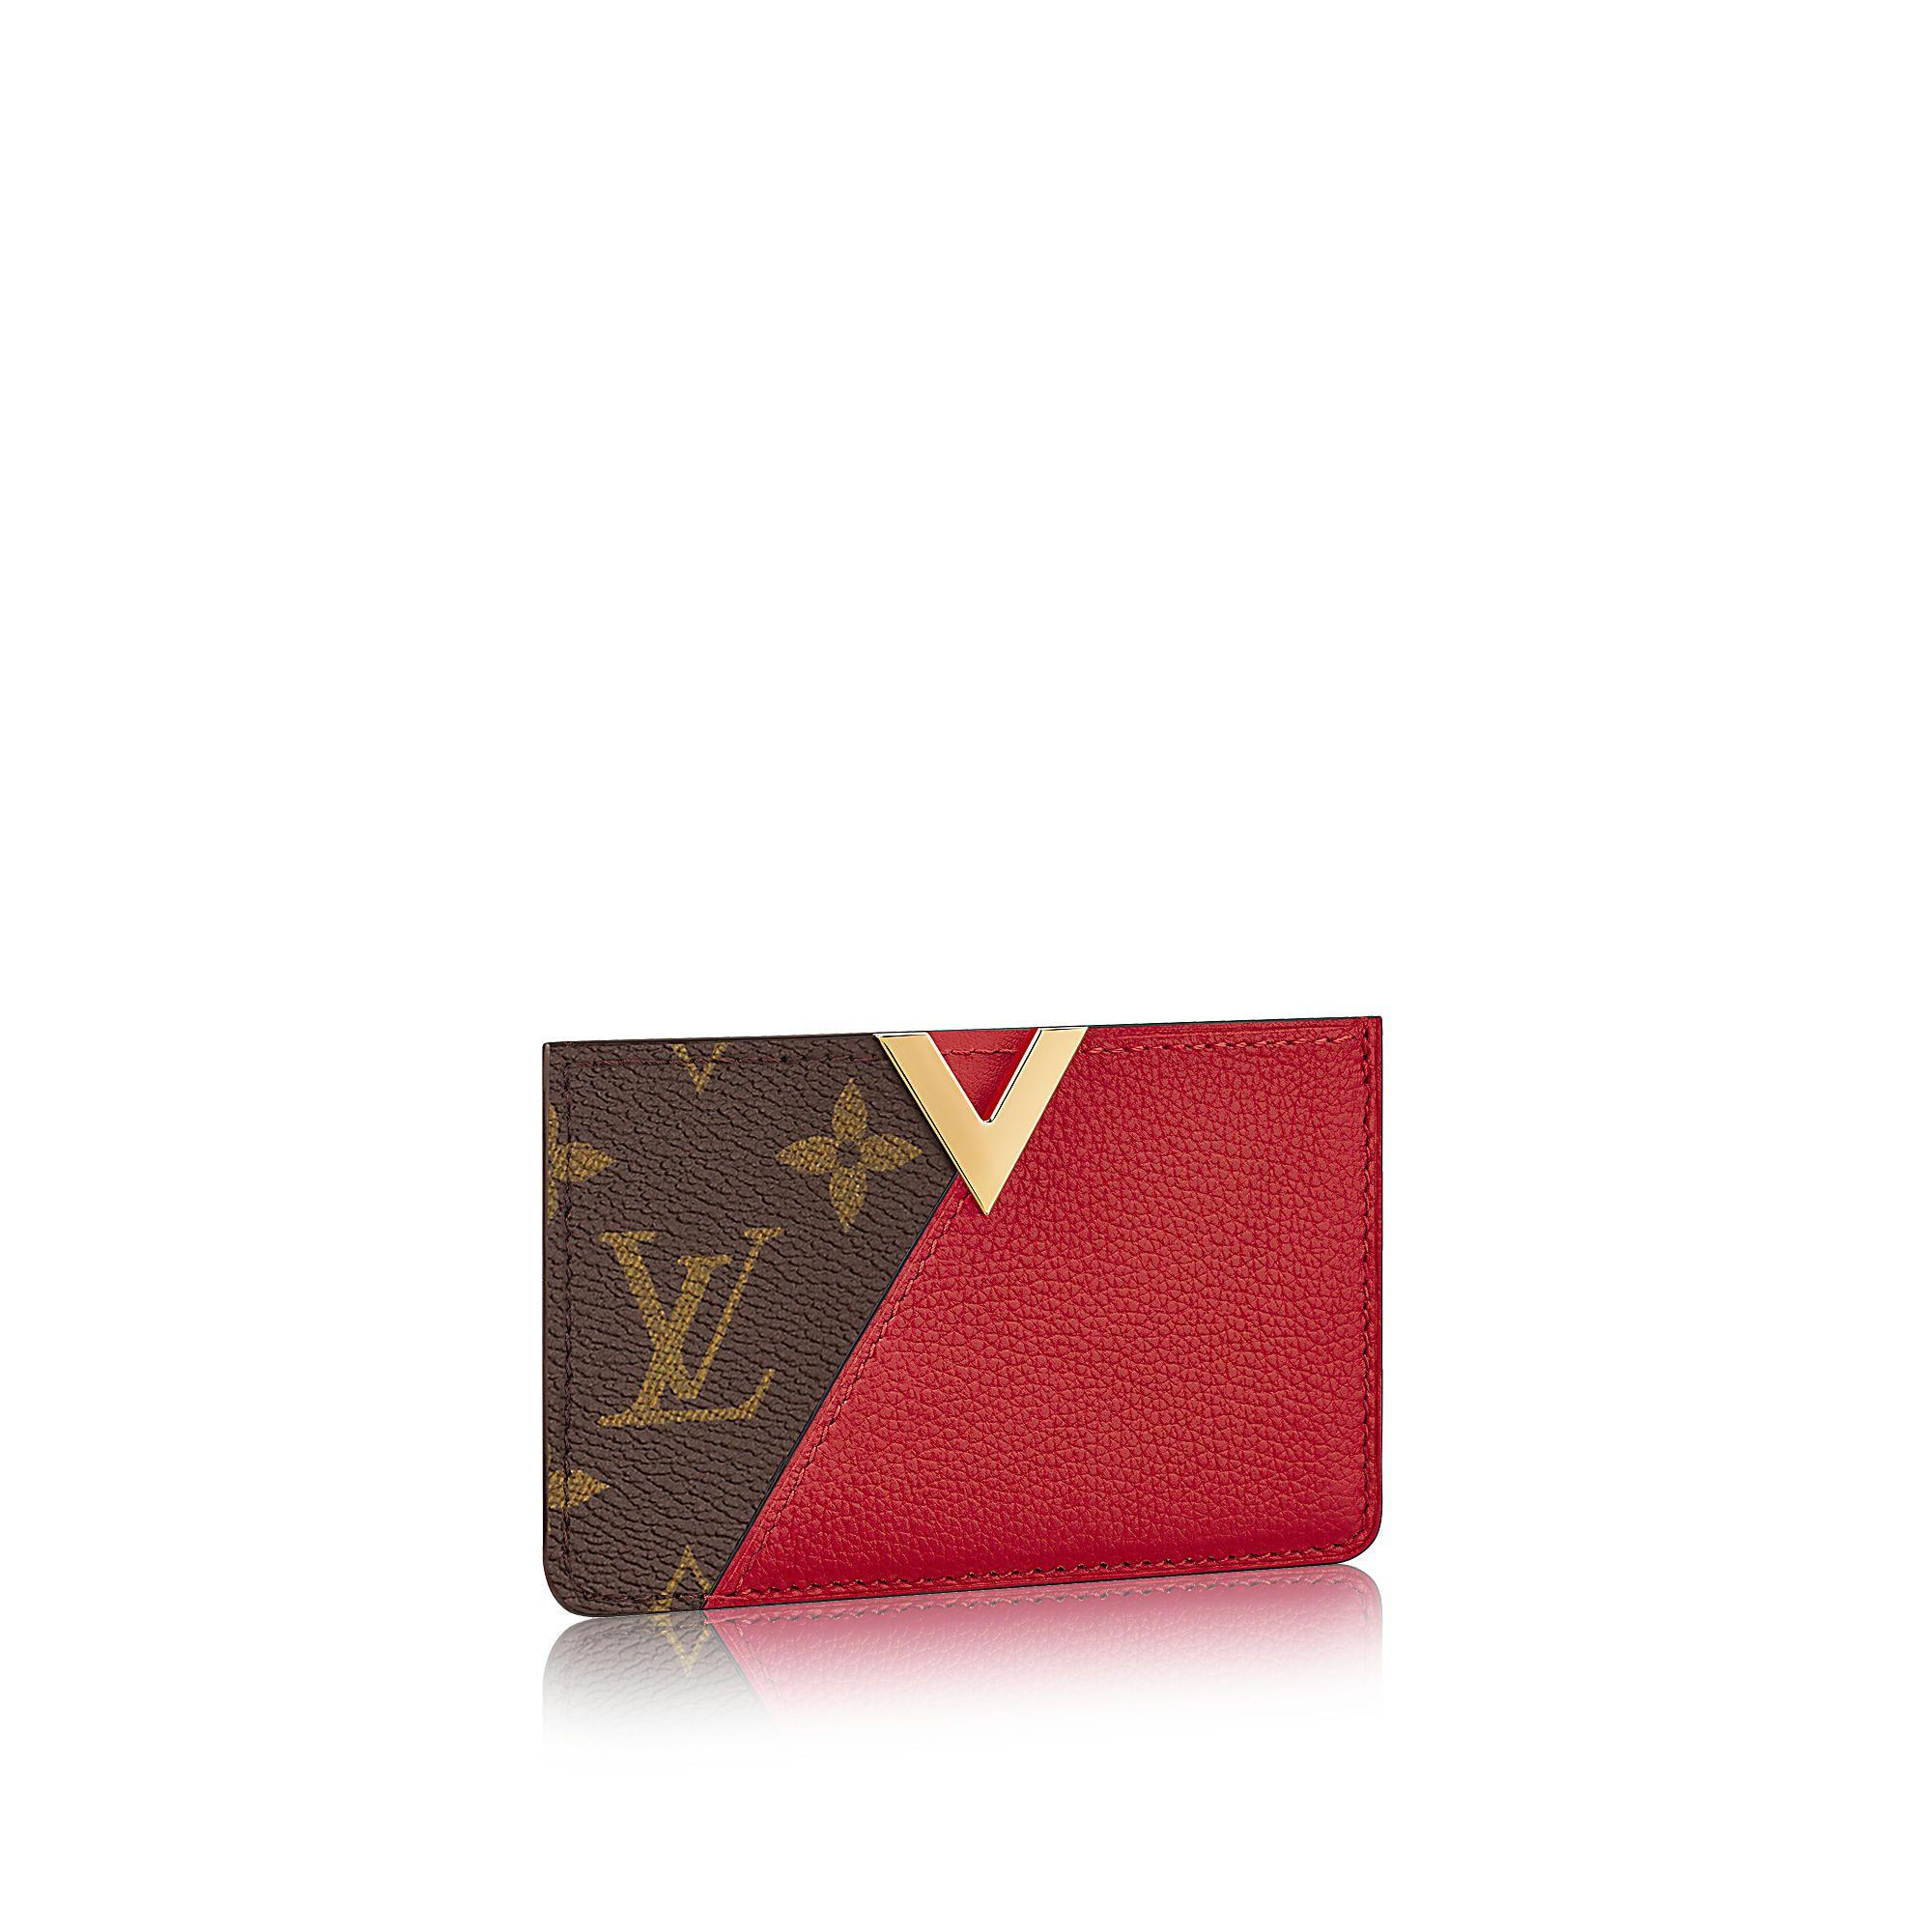 Discover Louis Vuitton Kimono Card Holder via Louis Vuitton